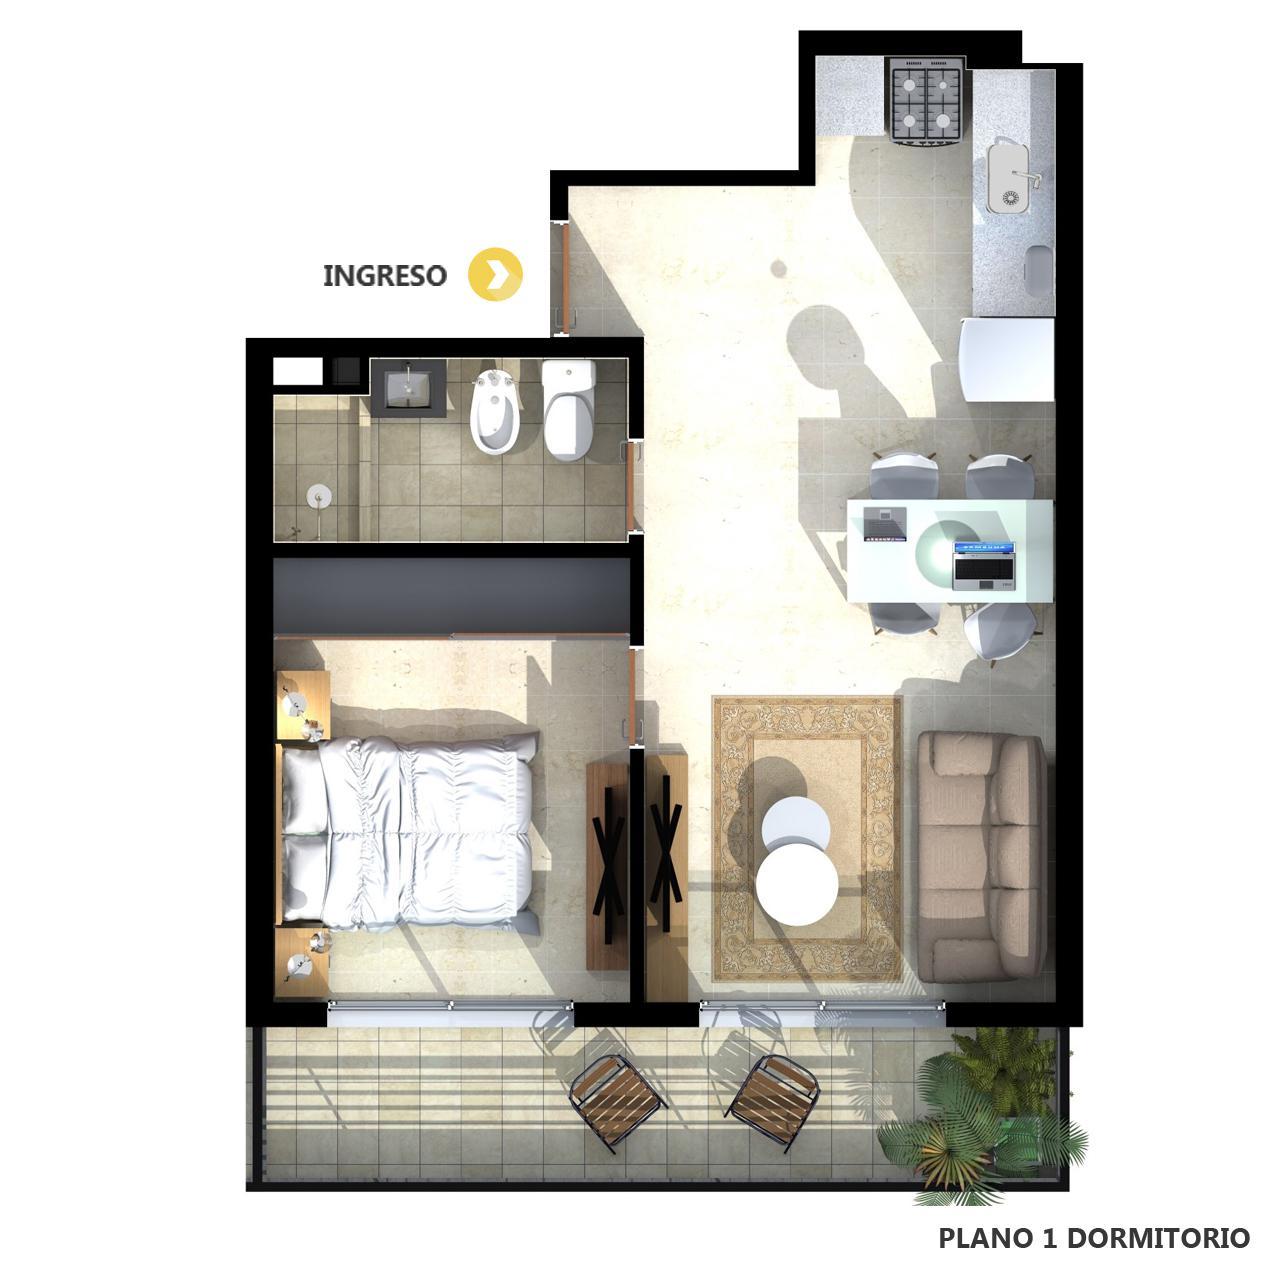 Venta departamento 1 dormitorio Rosario, Parque España. Cod CBU12472 AP2199436. Crestale Propiedades